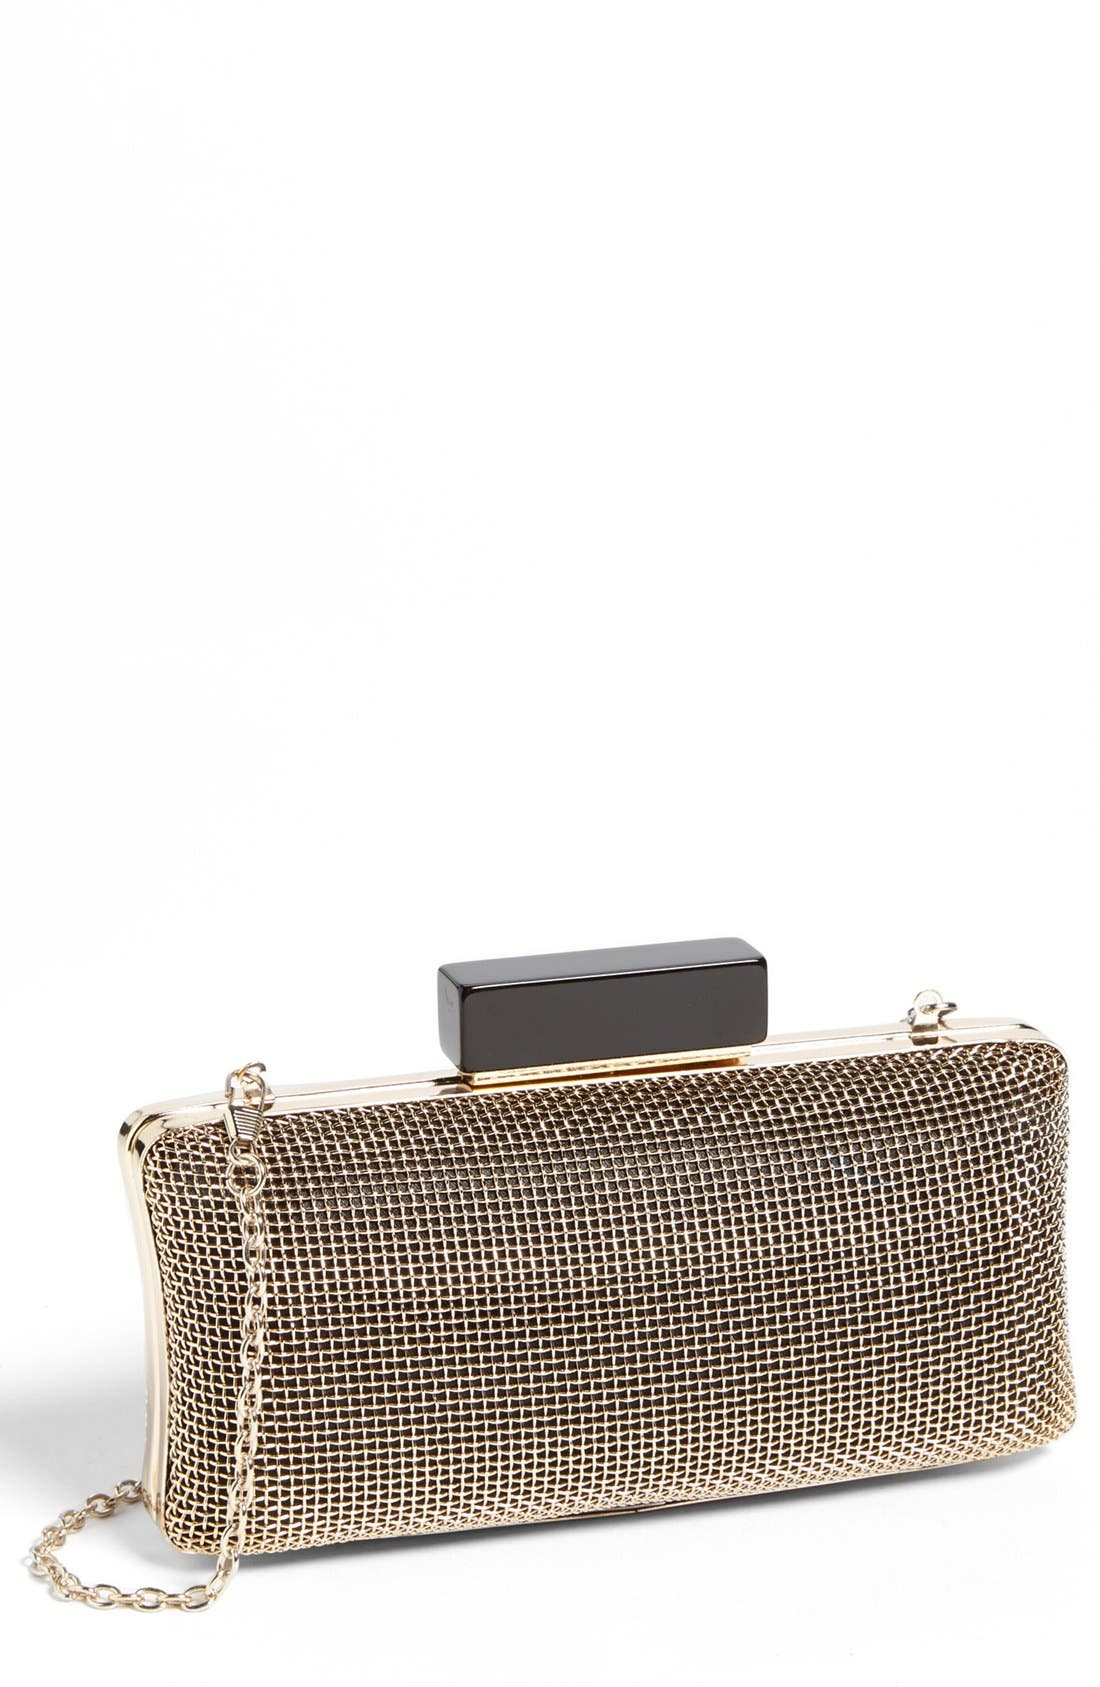 Main Image - La Regale 'Cage' Box Clutch